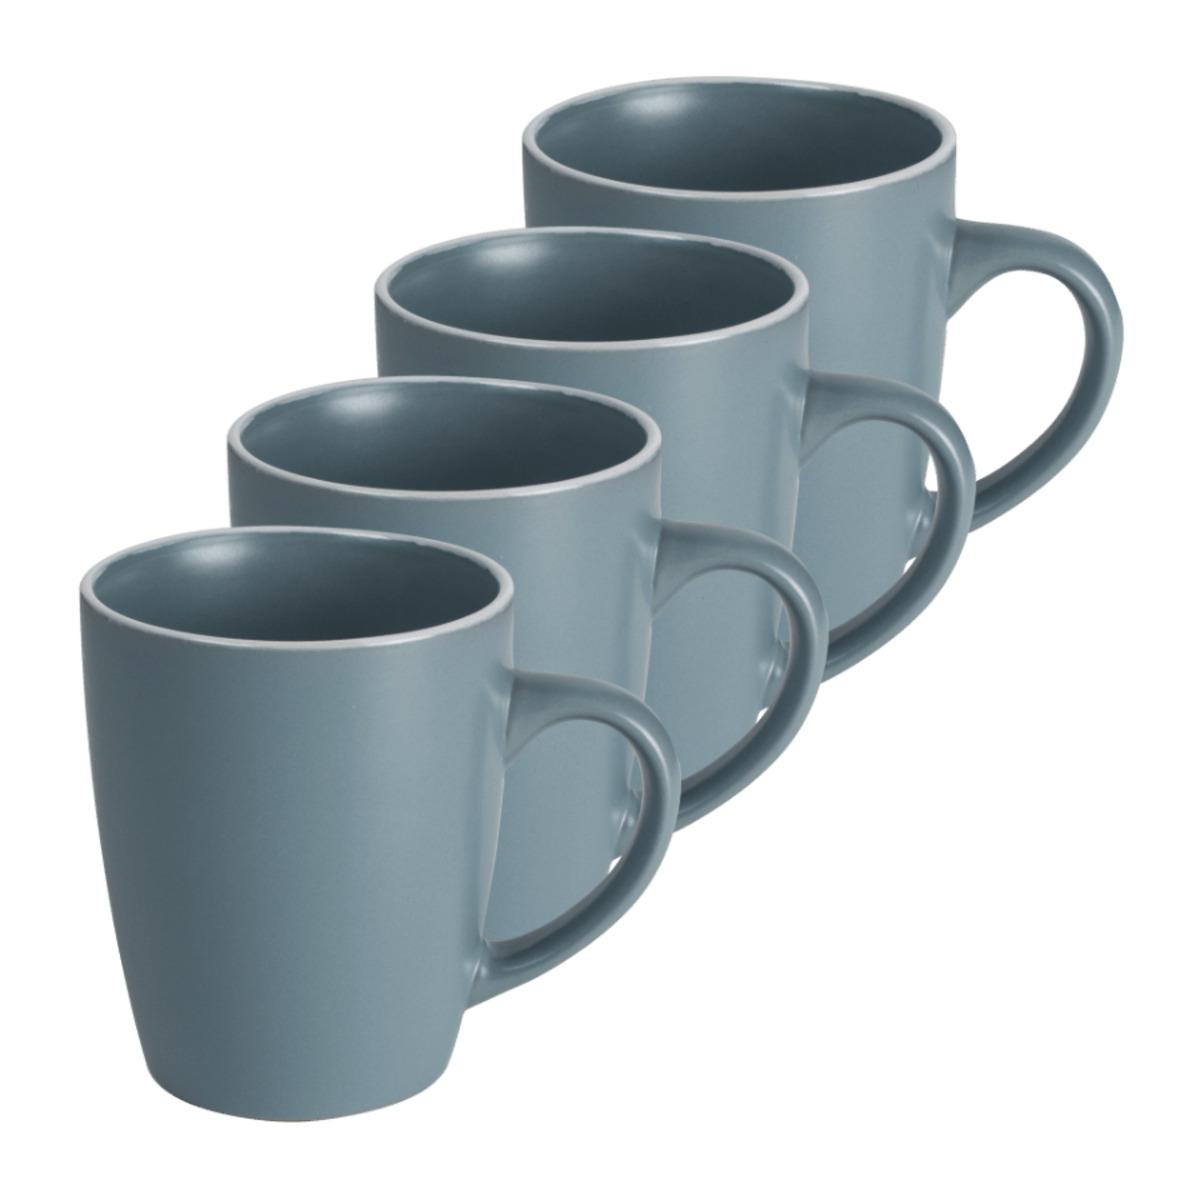 Bild 3 von HOME CREATION     Kaffeetassen / -becher